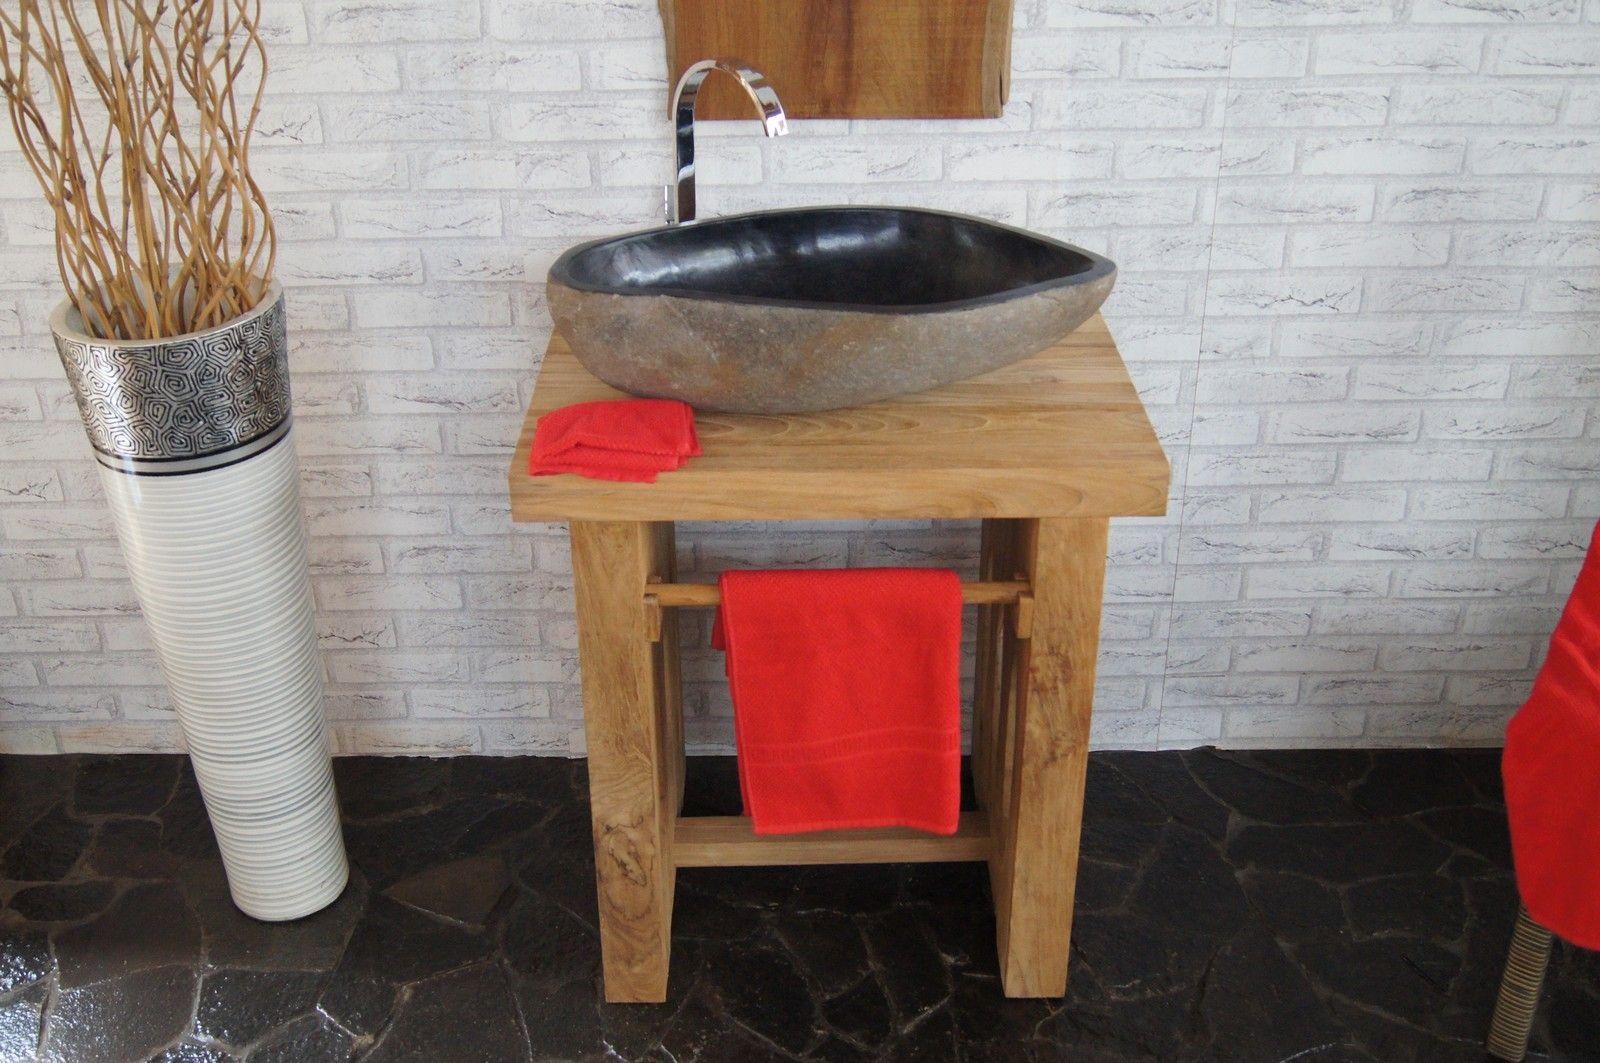 Waschtisch Mit Unterschrank 60 Cm Nr 58112 Unterbau Bad Waschtischunterbau Konsole Wc Wascht Waschbeckenunterschrank Waschbeckenschrank Waschtischunterschrank